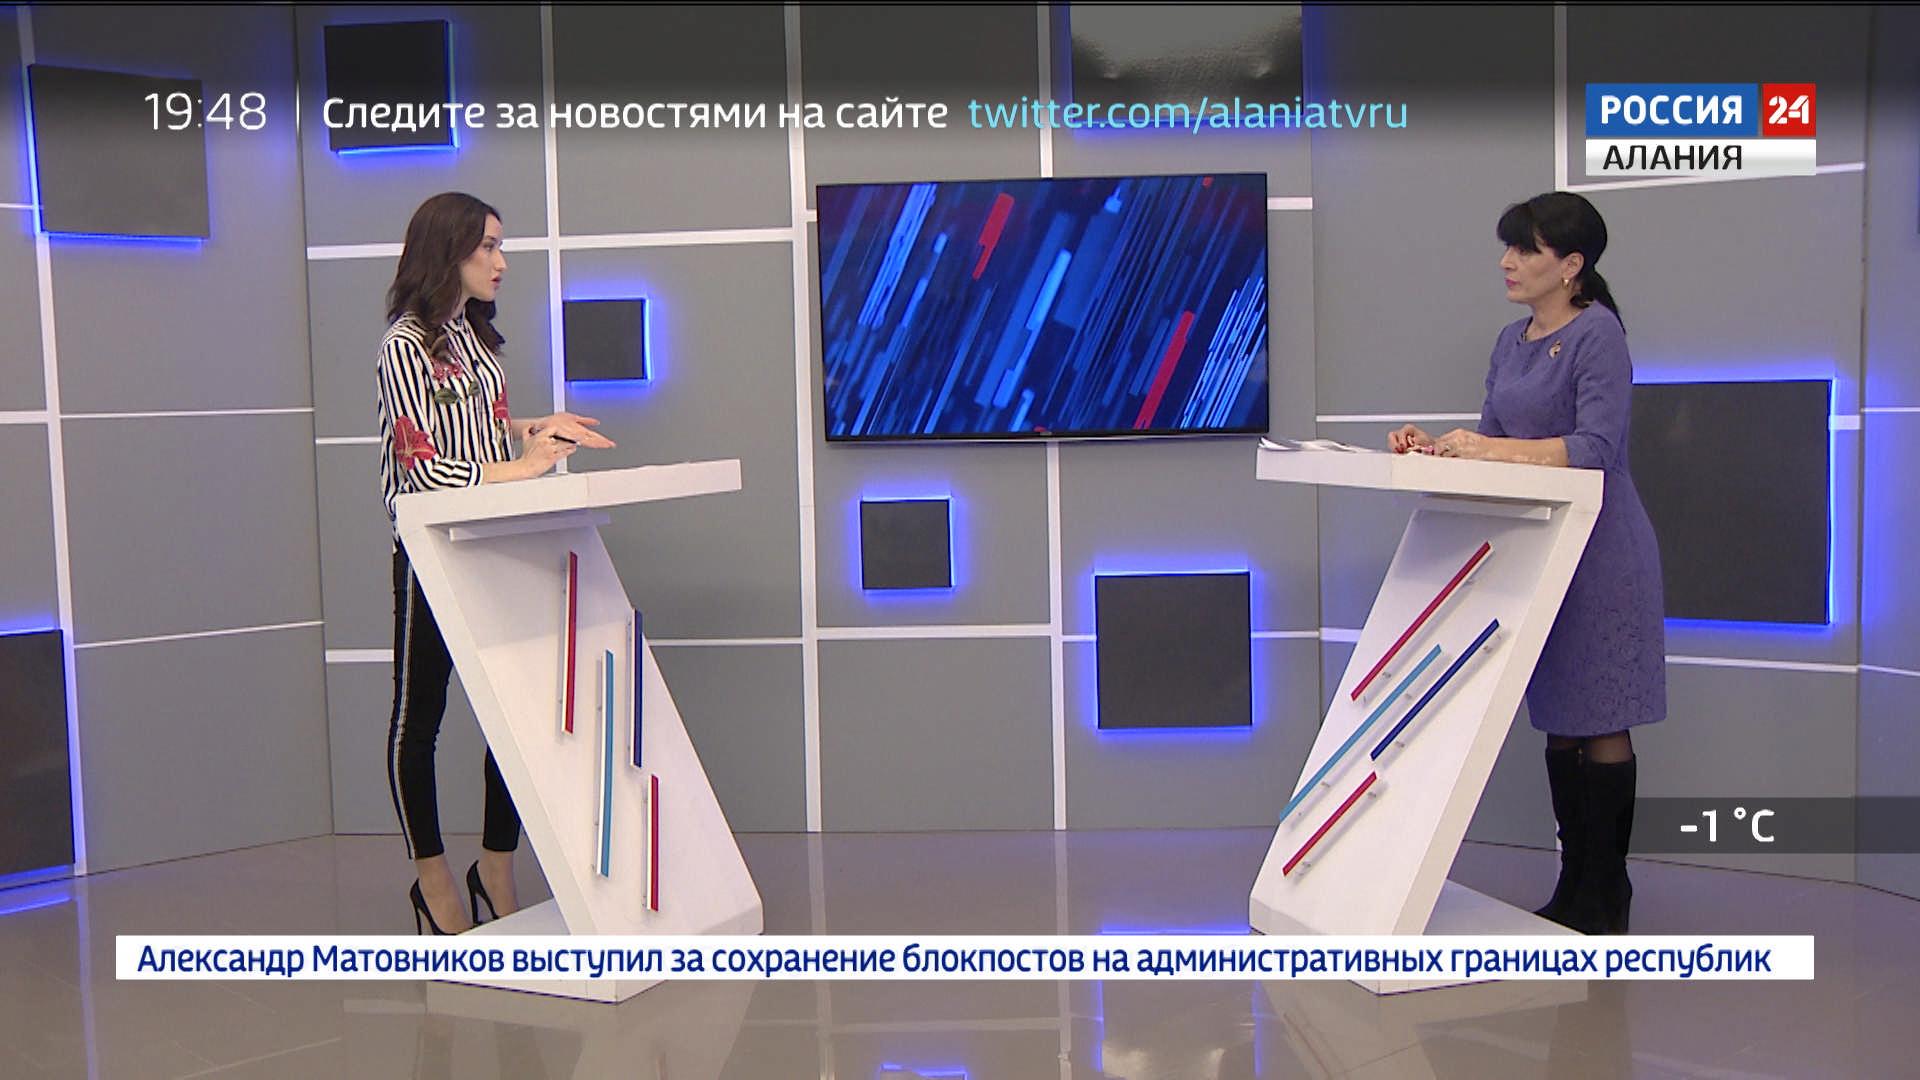 Россия 24. Современные специальности, востребованные на рынке труда